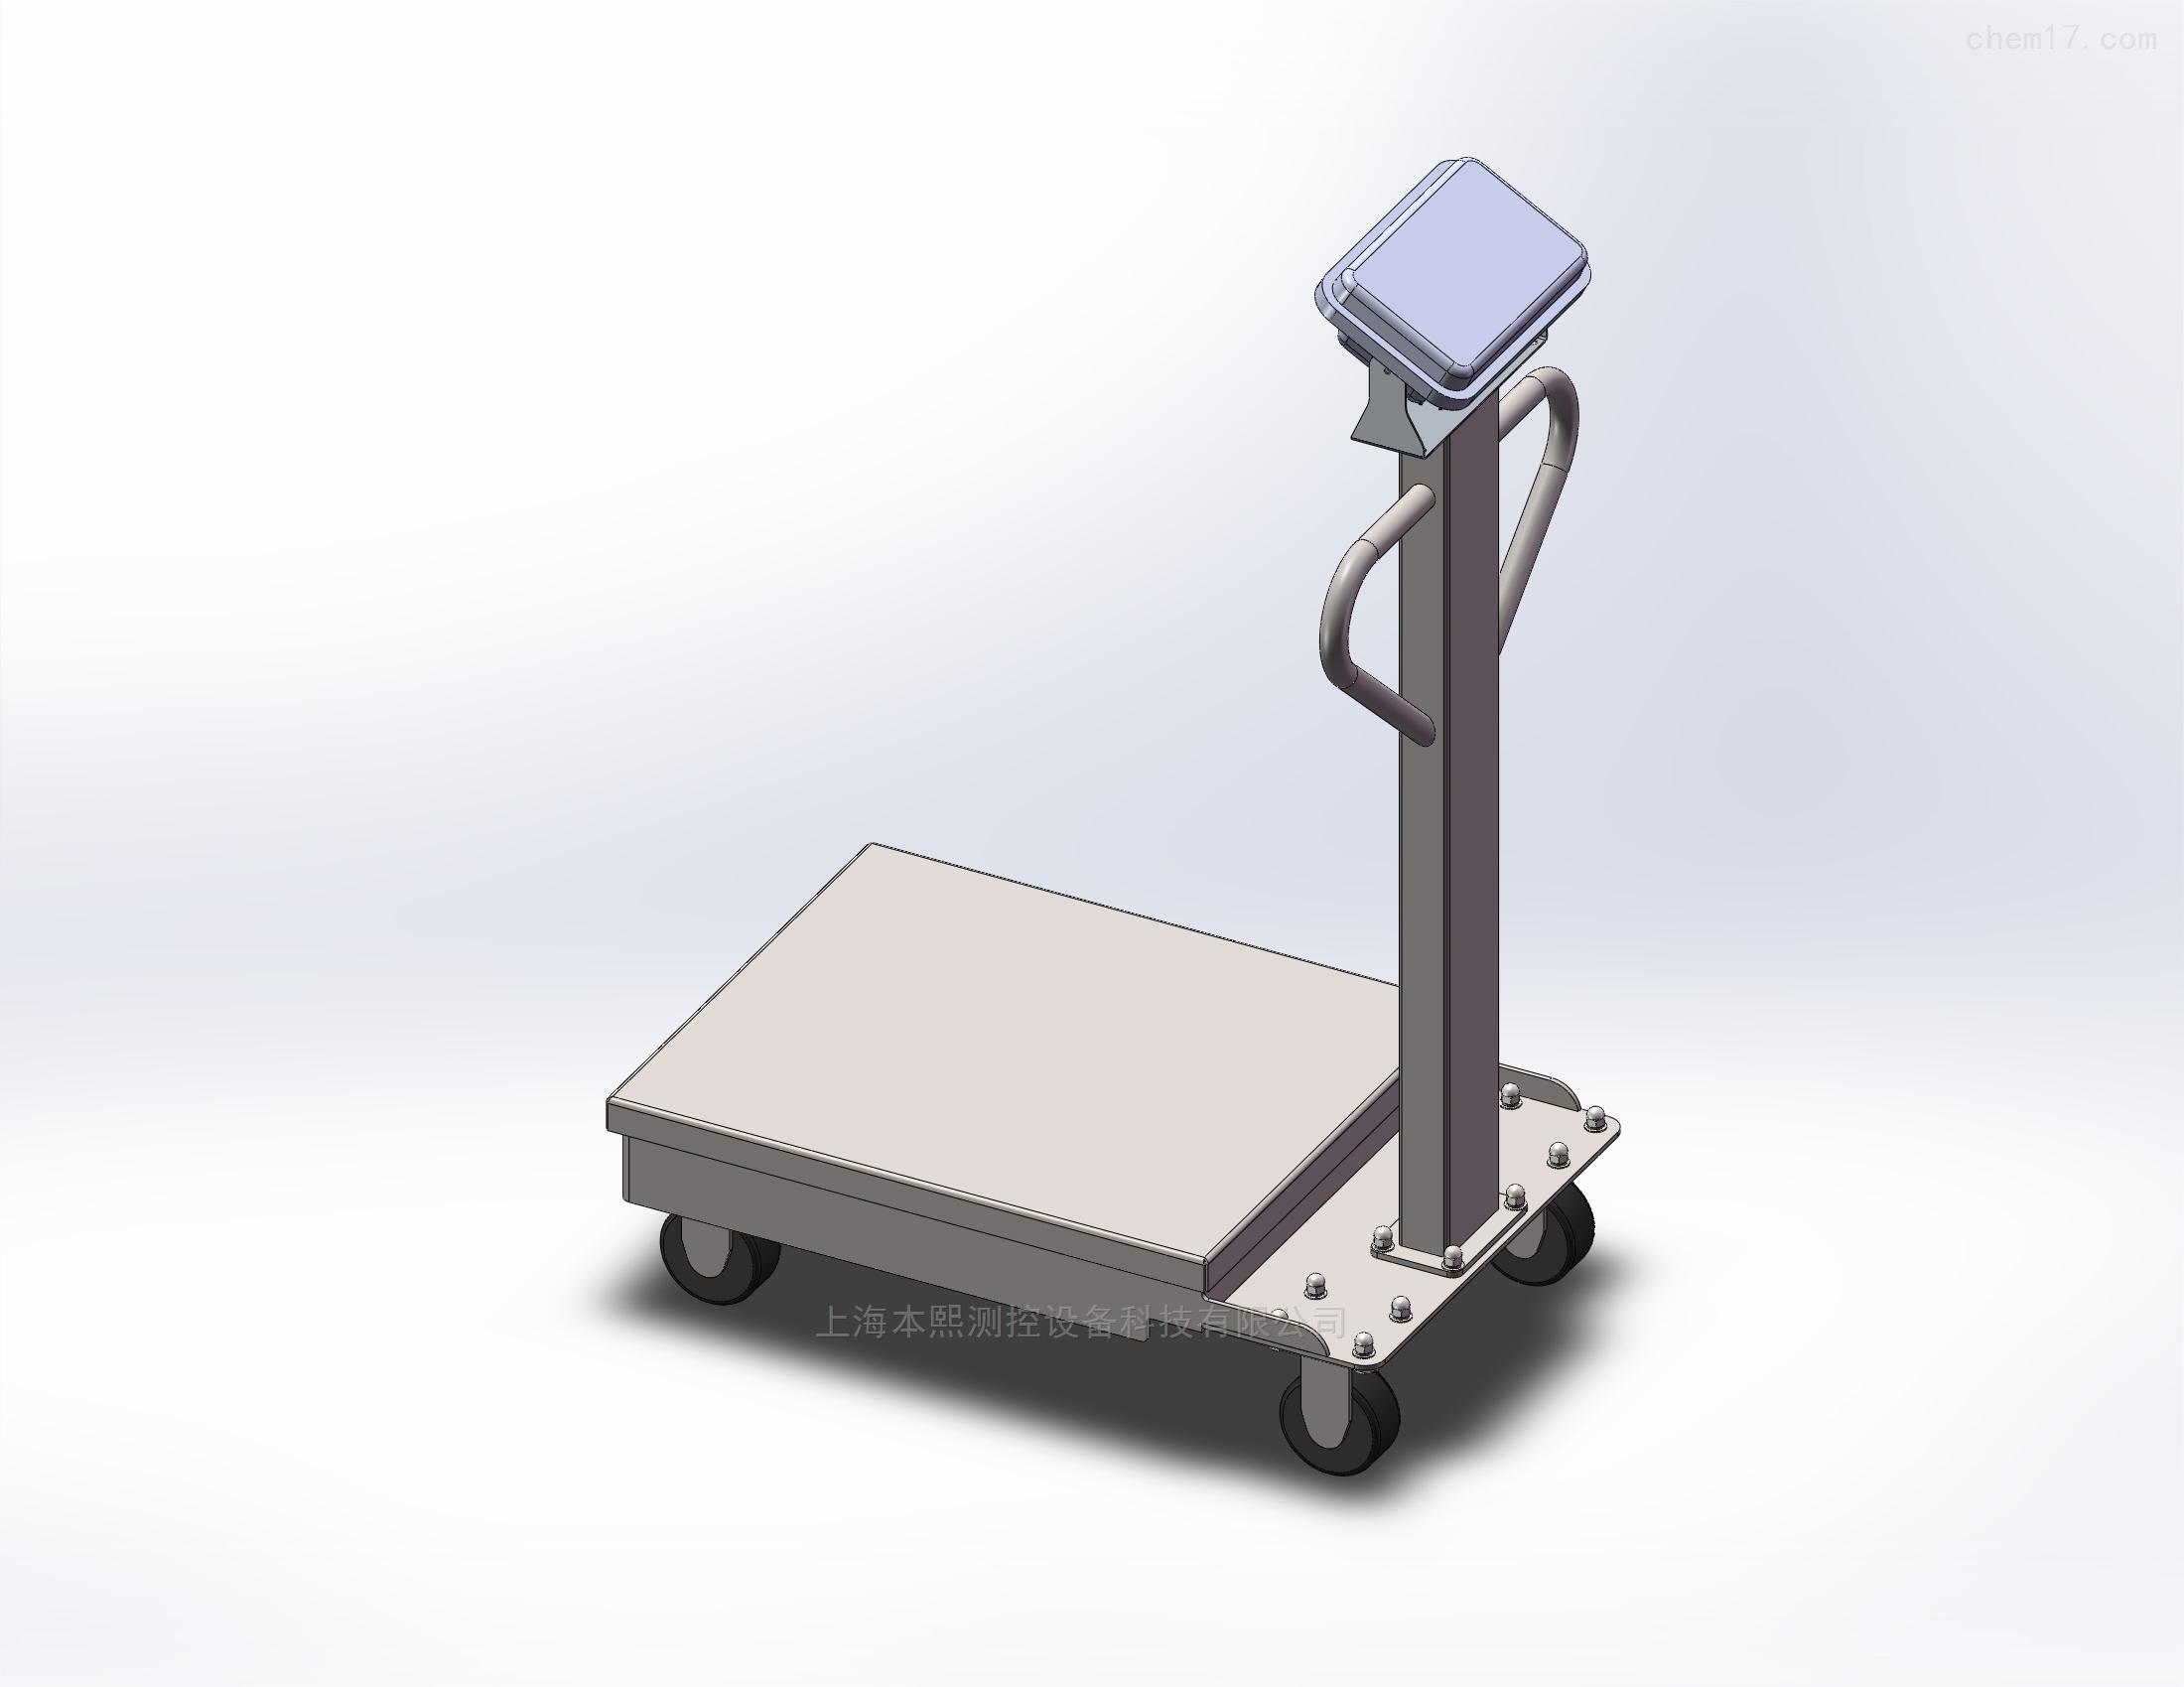 四川成都带滚轮可移动式电子台秤